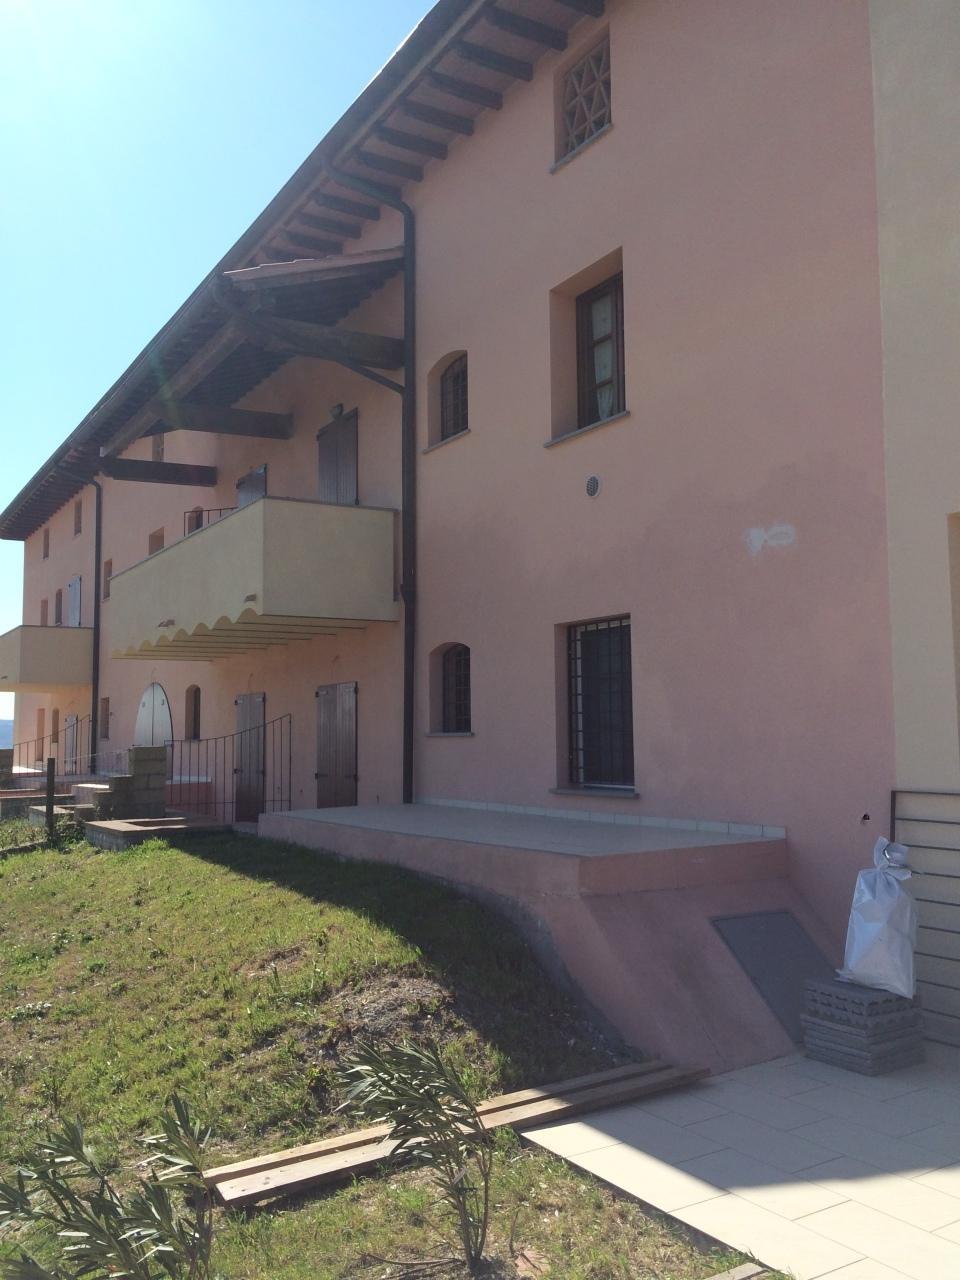 Soluzione Indipendente in affitto a Orciano Pisano, 4 locali, prezzo € 500 | Cambio Casa.it